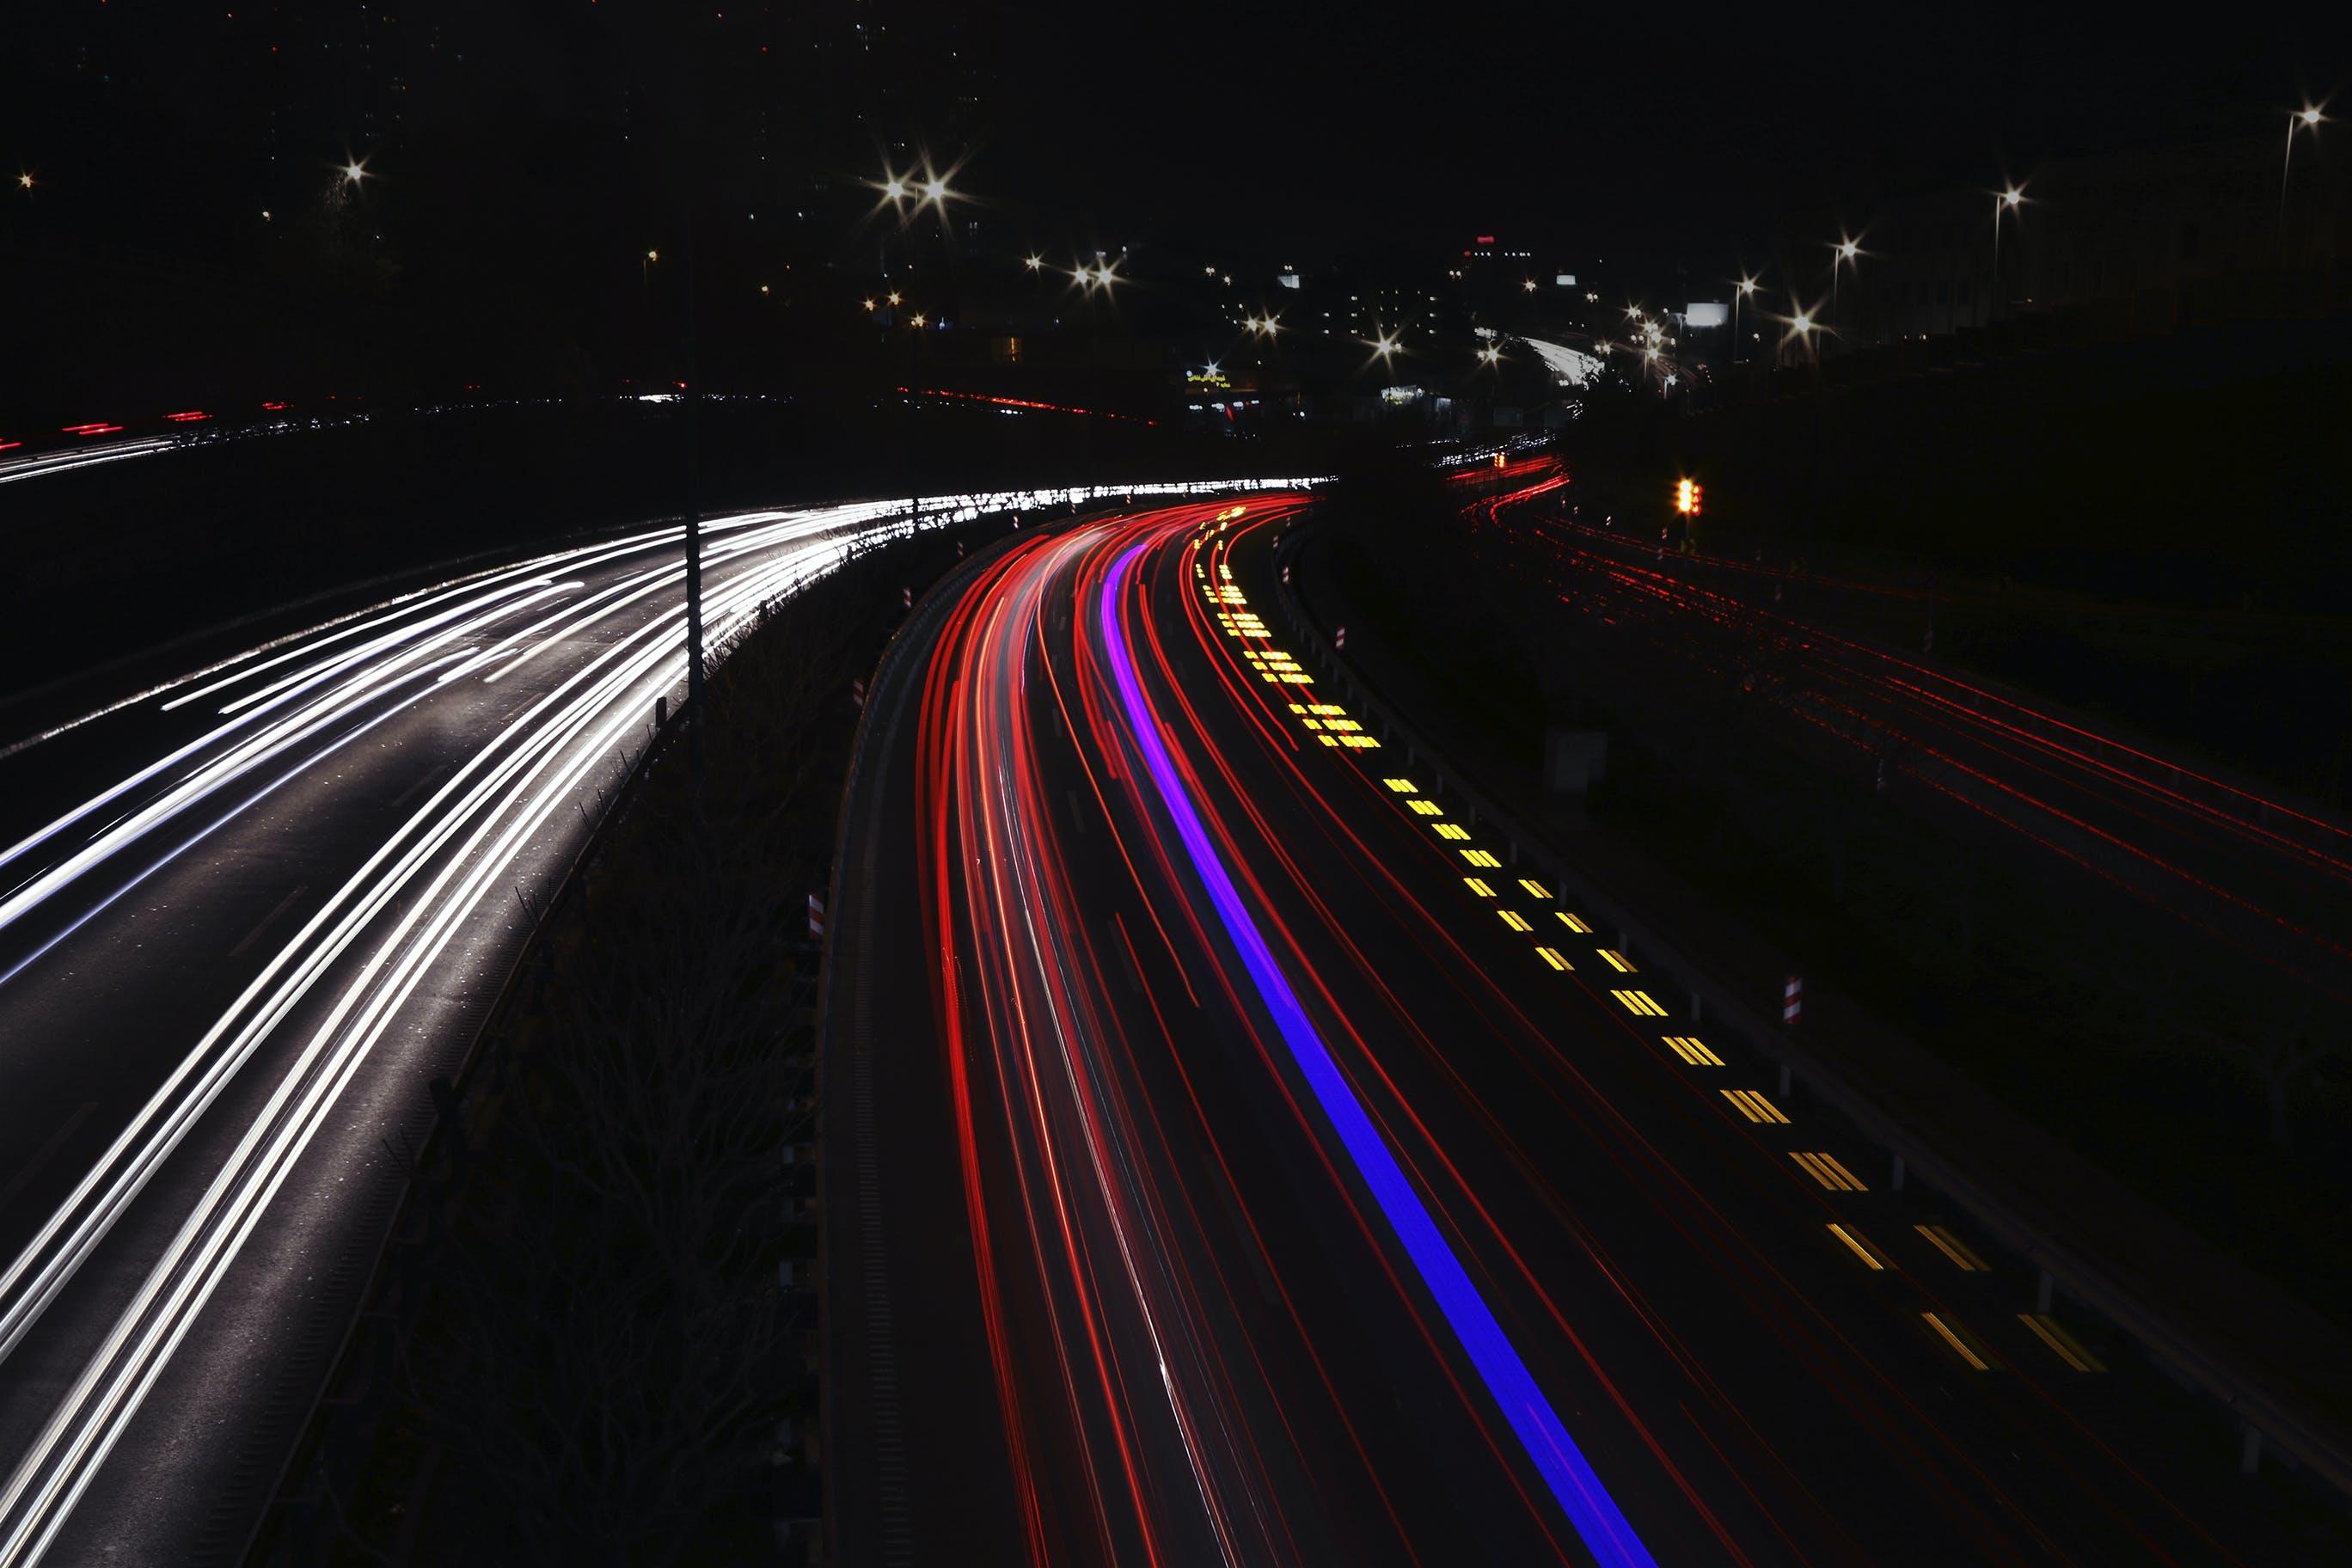 απόγευμα, αυτοκινητόδρομος, δρόμος